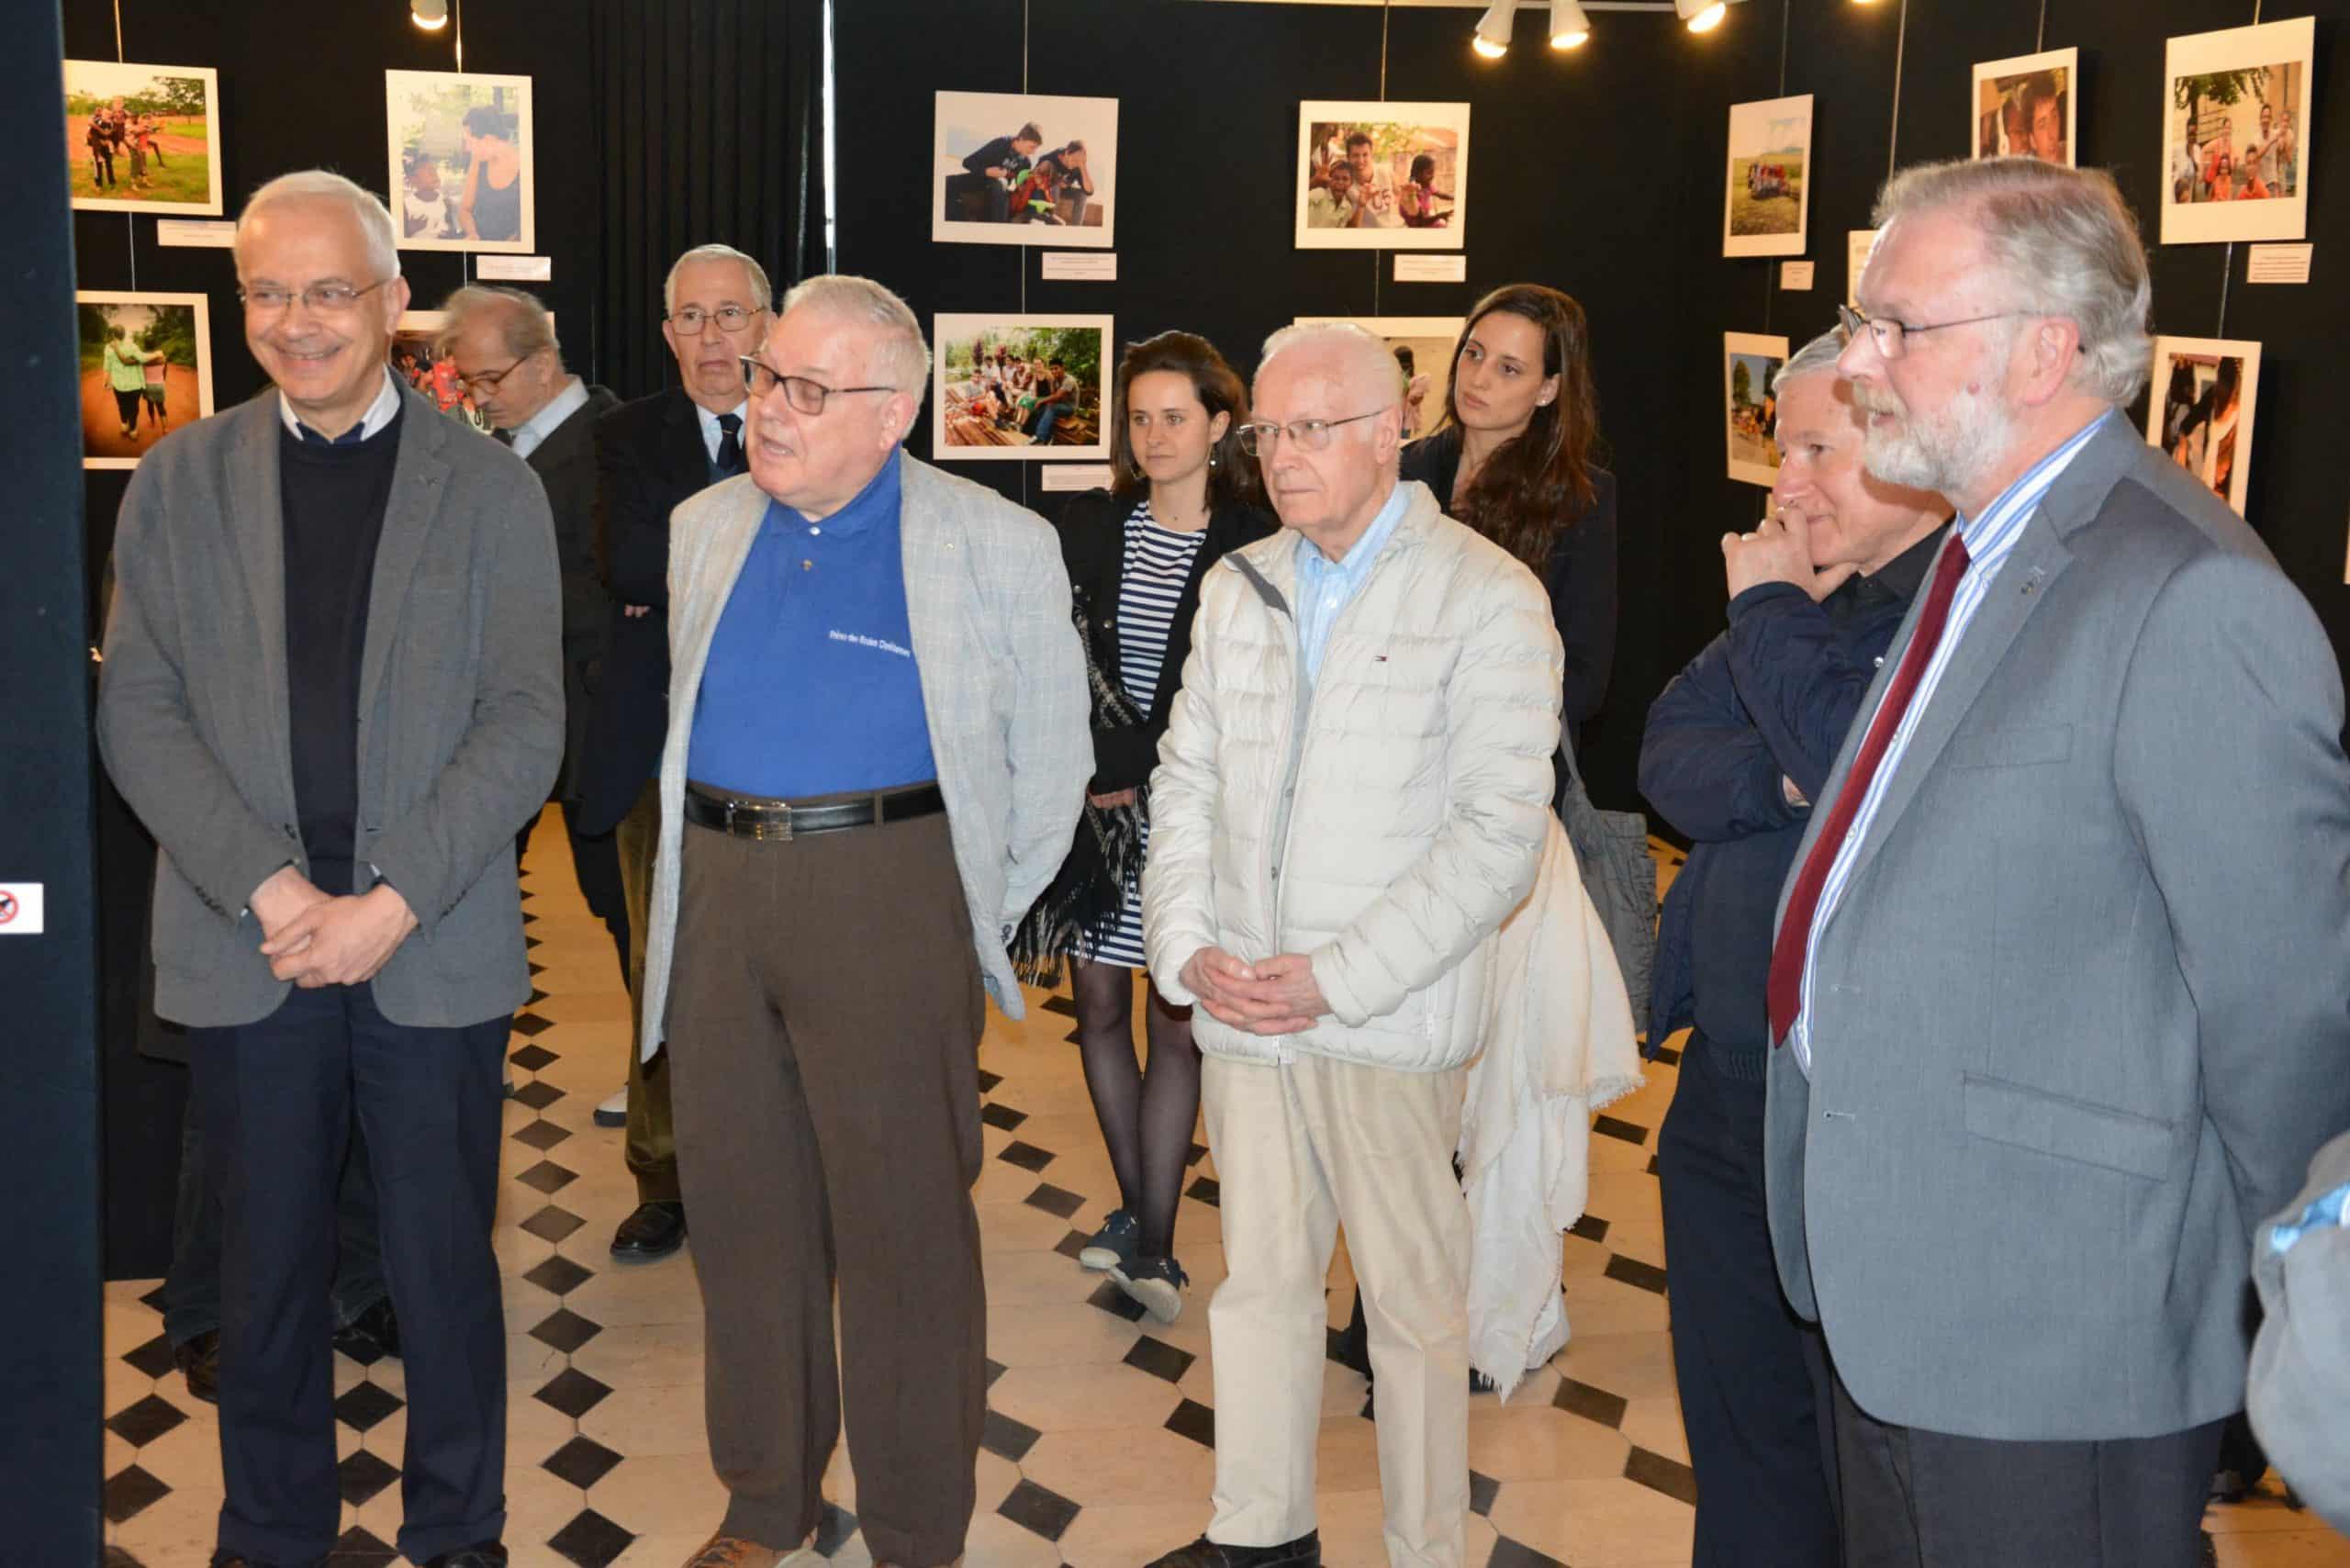 exposition photo 25 ans du semil mairie de paris 7 la salle. Black Bedroom Furniture Sets. Home Design Ideas